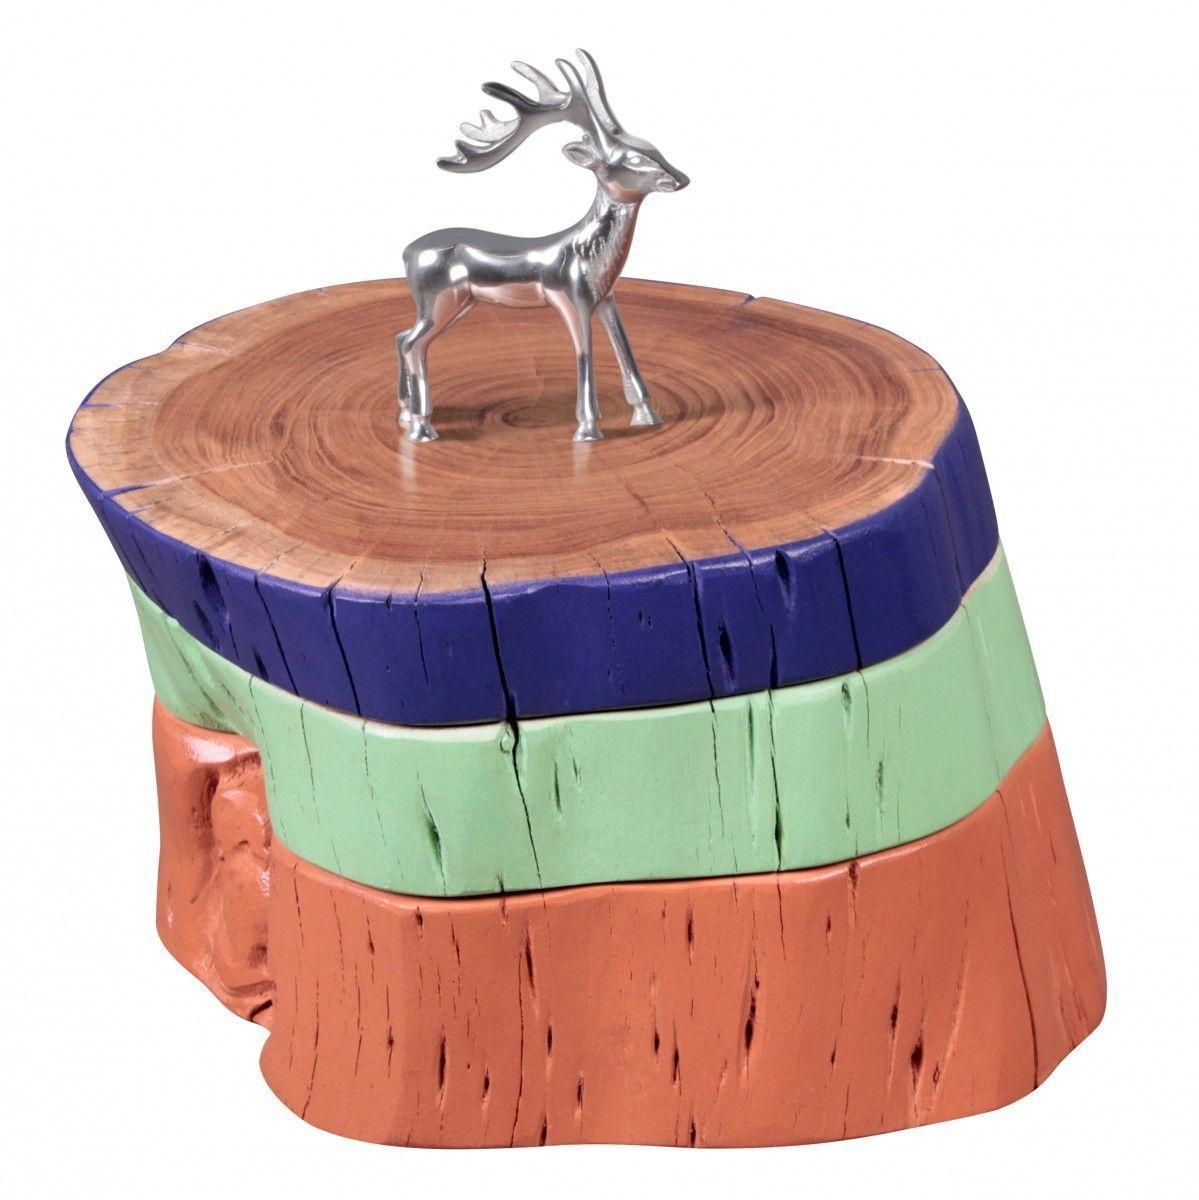 WOHNLING Beistelltisch Vollholz Akazie Holzscheiben Bunt Wohnzimmertisch Sitz Schemel Retro Couchtis Jetzt Bestellen Unter